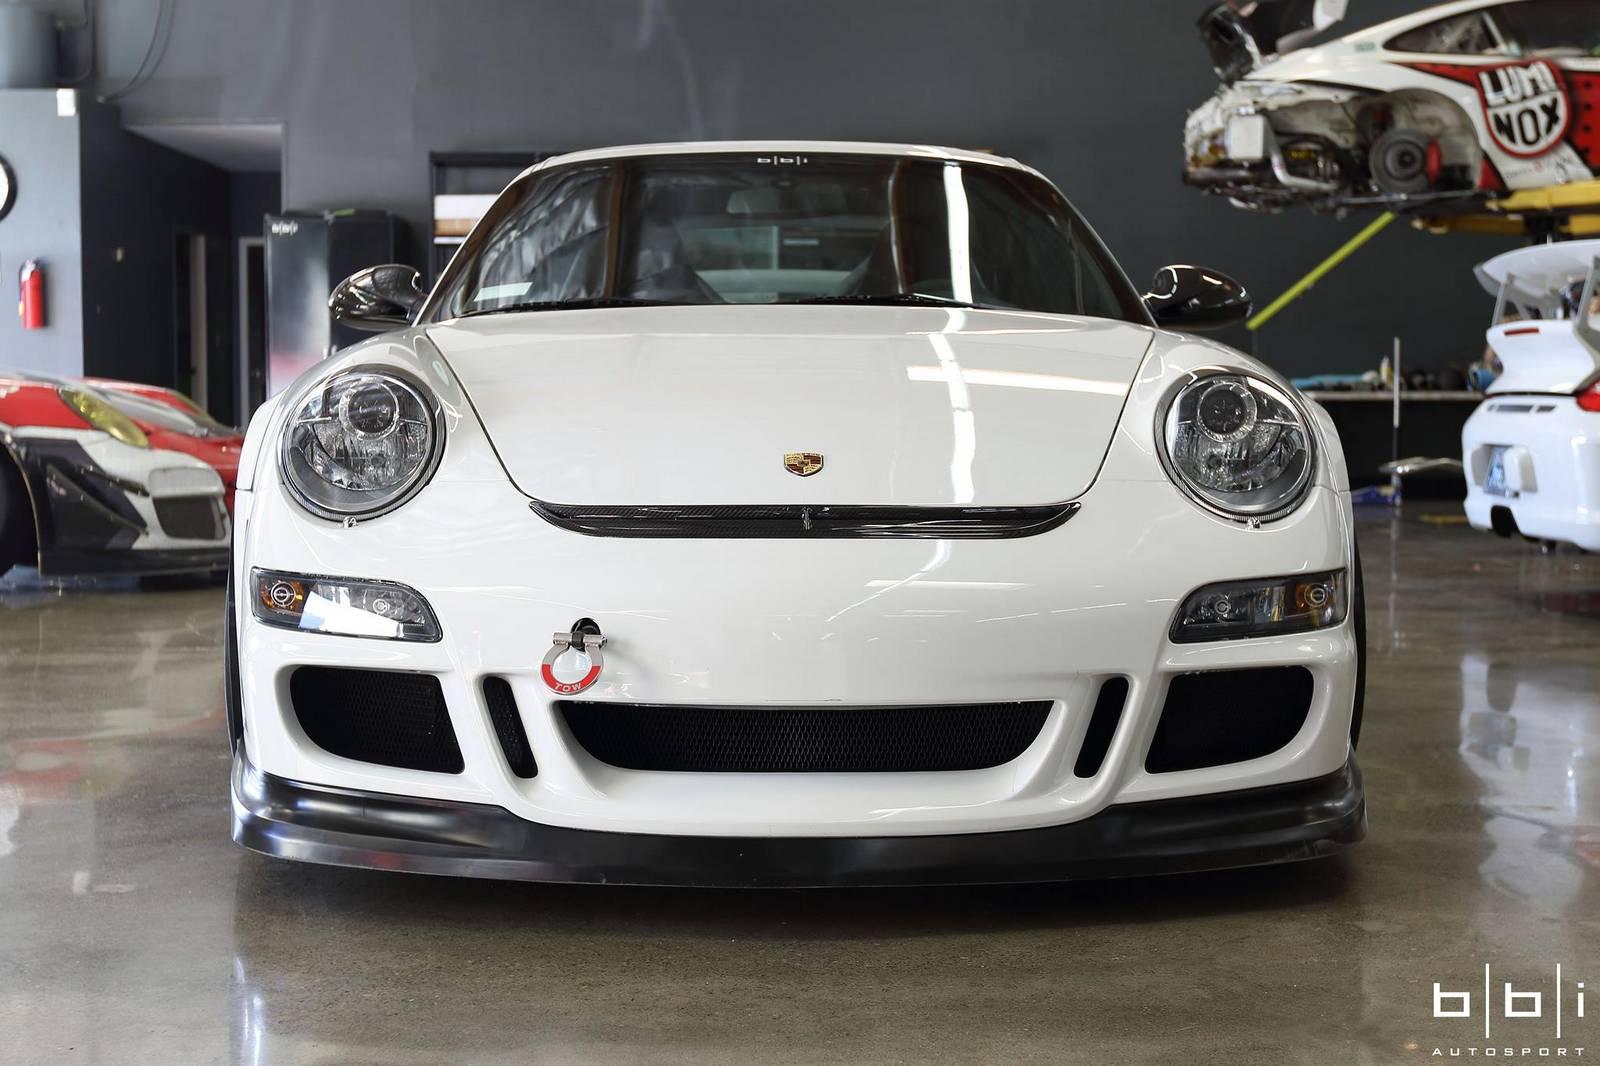 Porsche 997.1 GT3